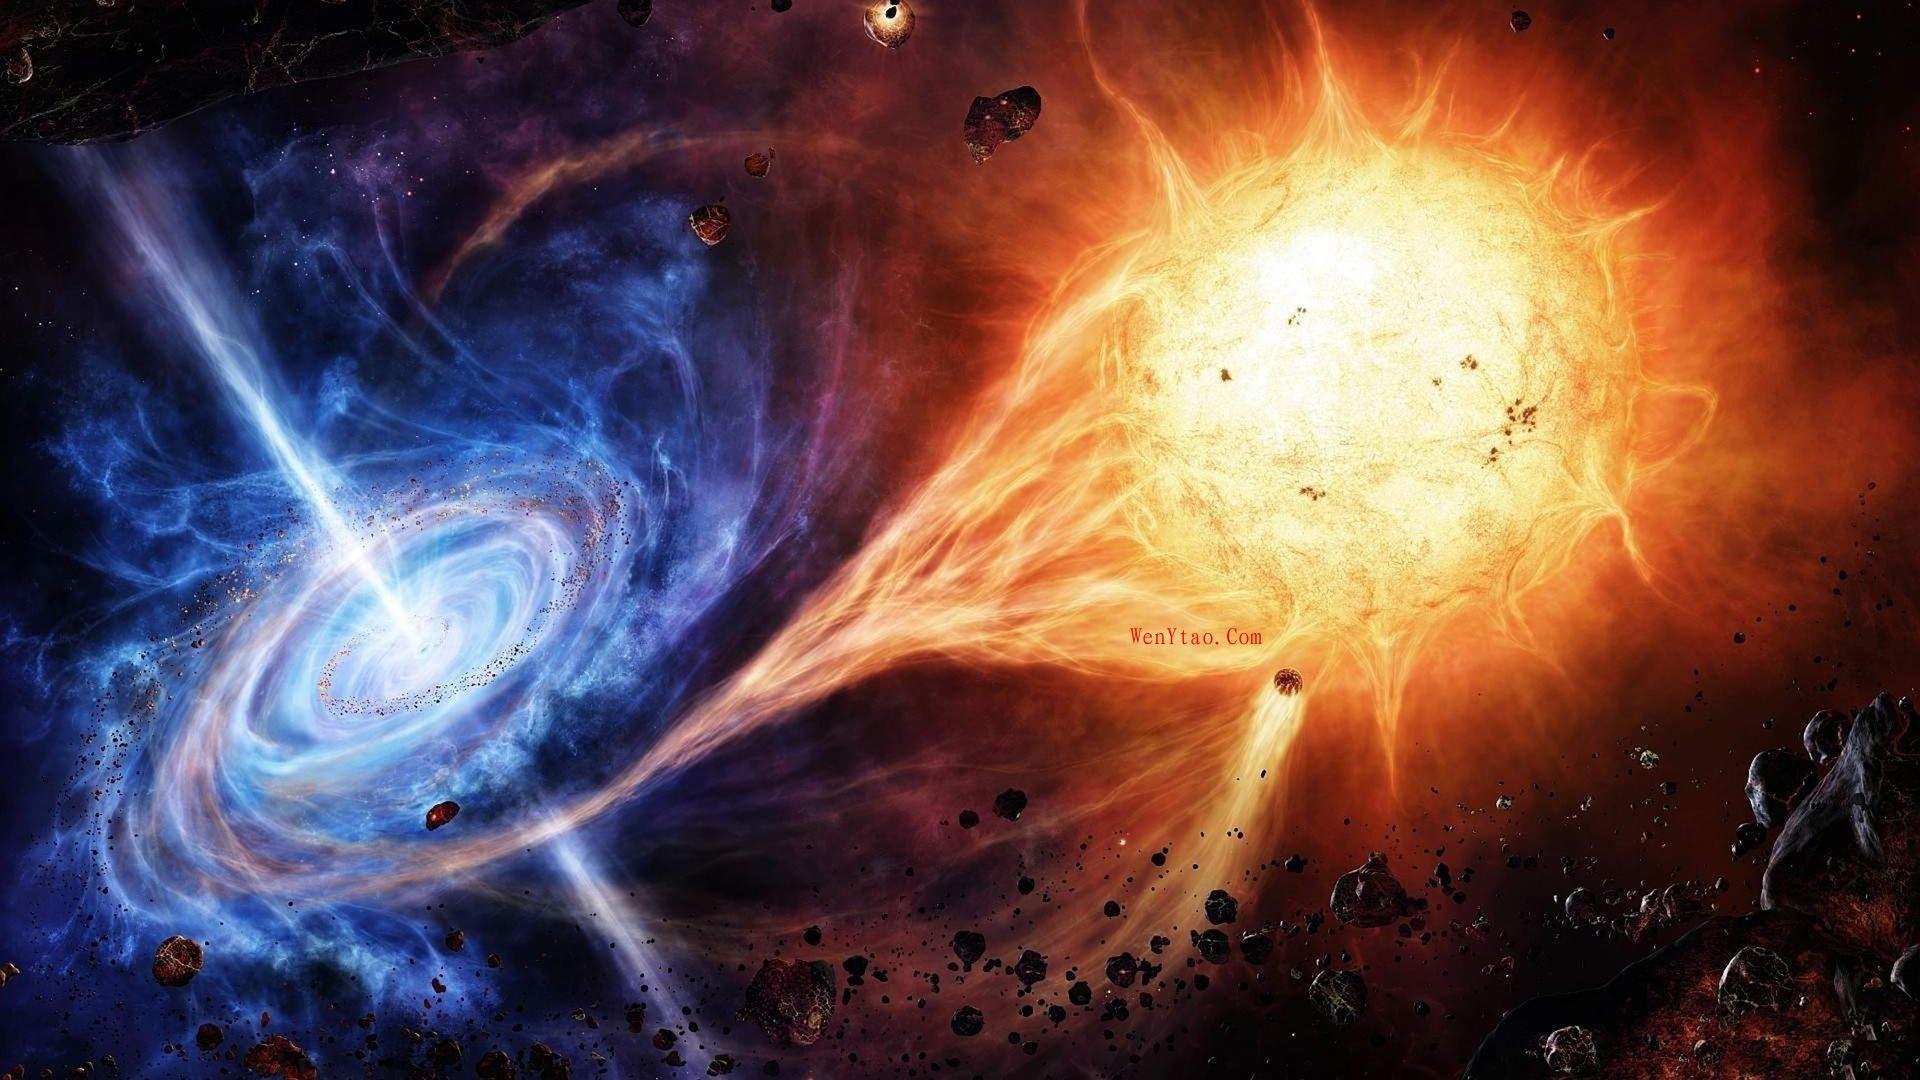 风景奇幻梦境山峰星空繁星云雾夜晚星空星球梦幻5k壁纸 风景 第14张